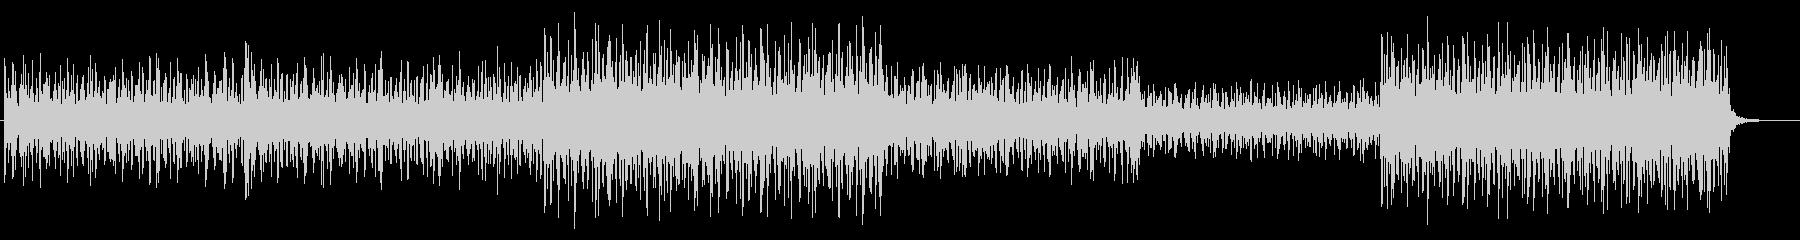 泡の音 水の音 効果音の未再生の波形